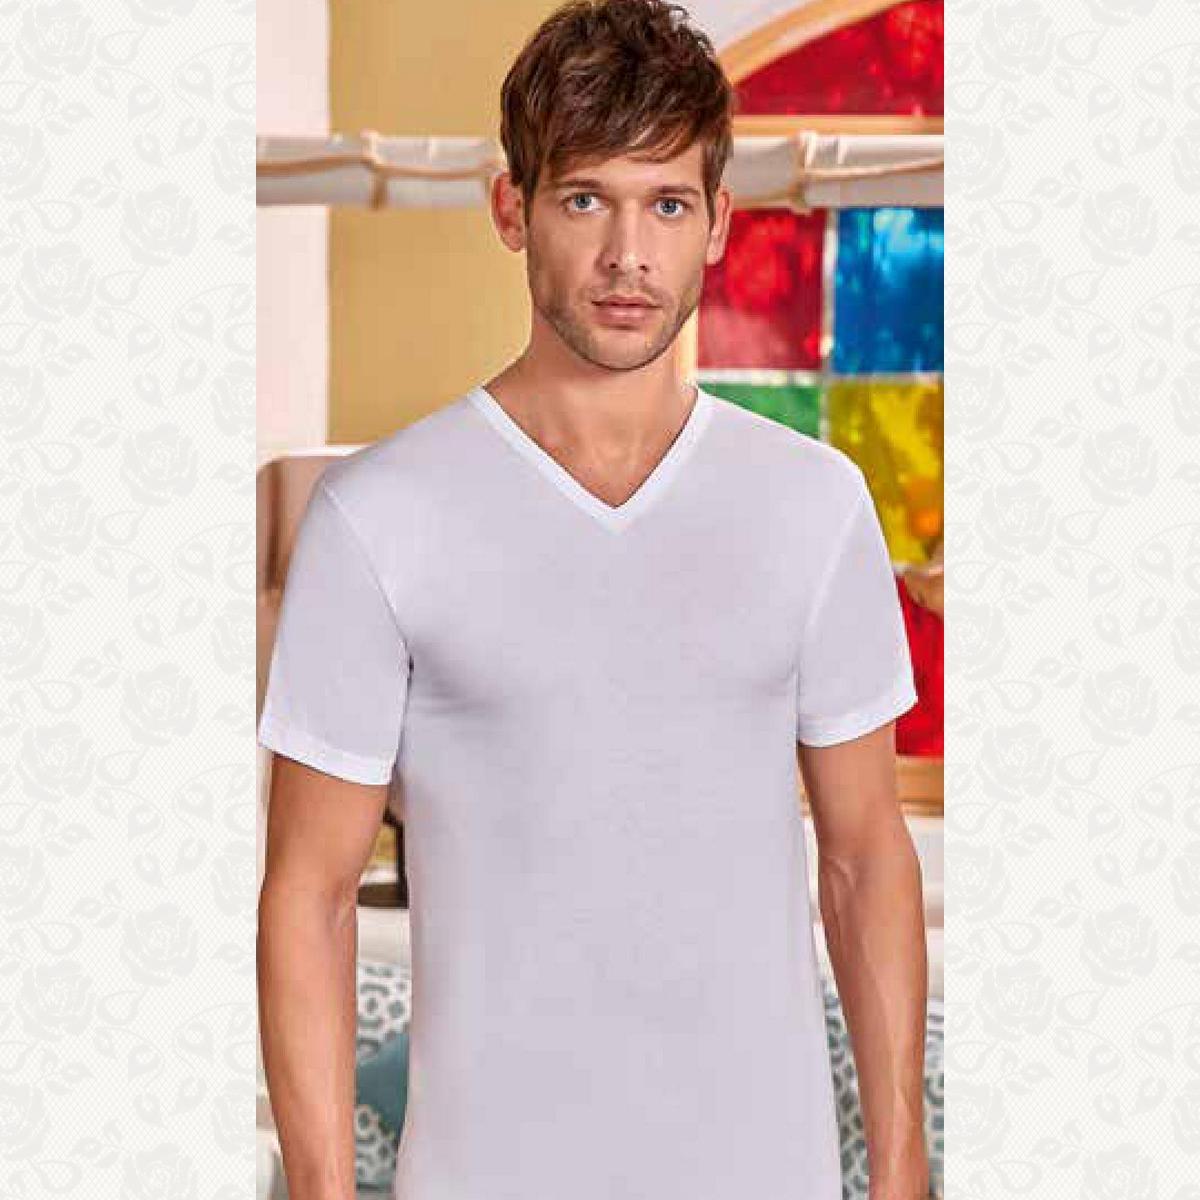 Батал футболка размер от 56-60, цвет